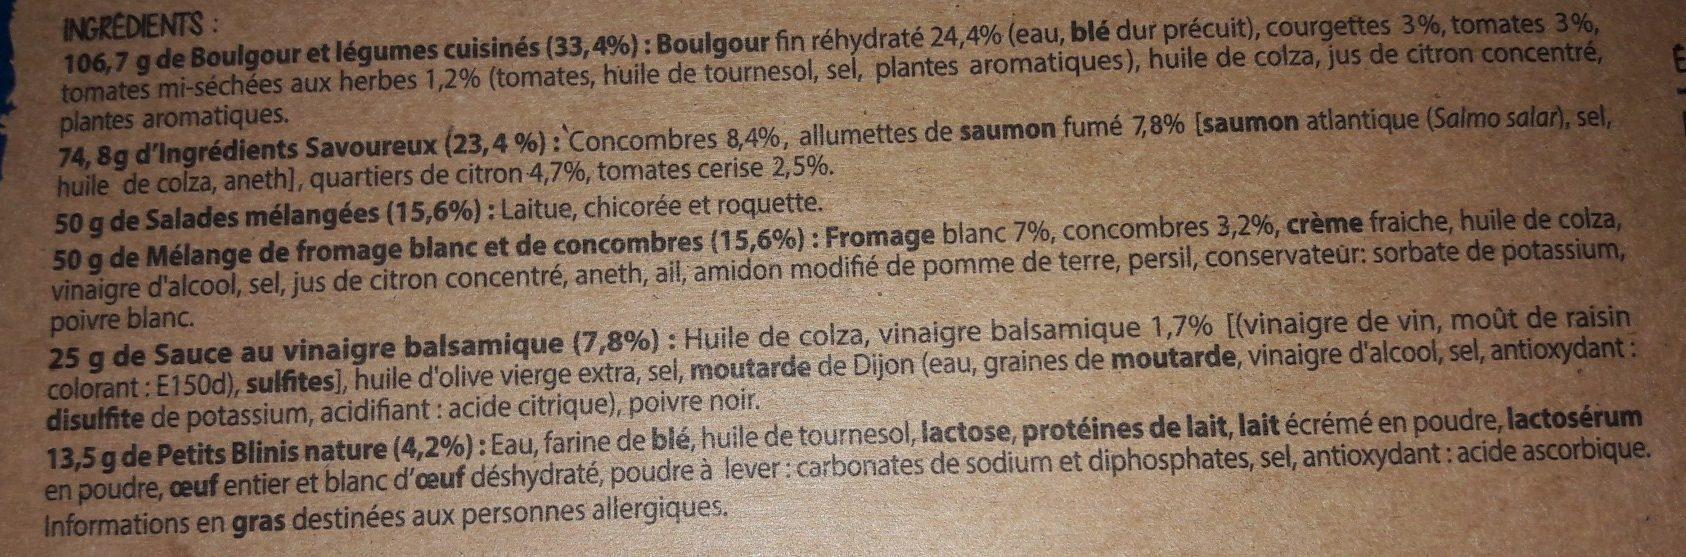 Salade Mezze Saumon Fumé 320g - Ingrédients - fr